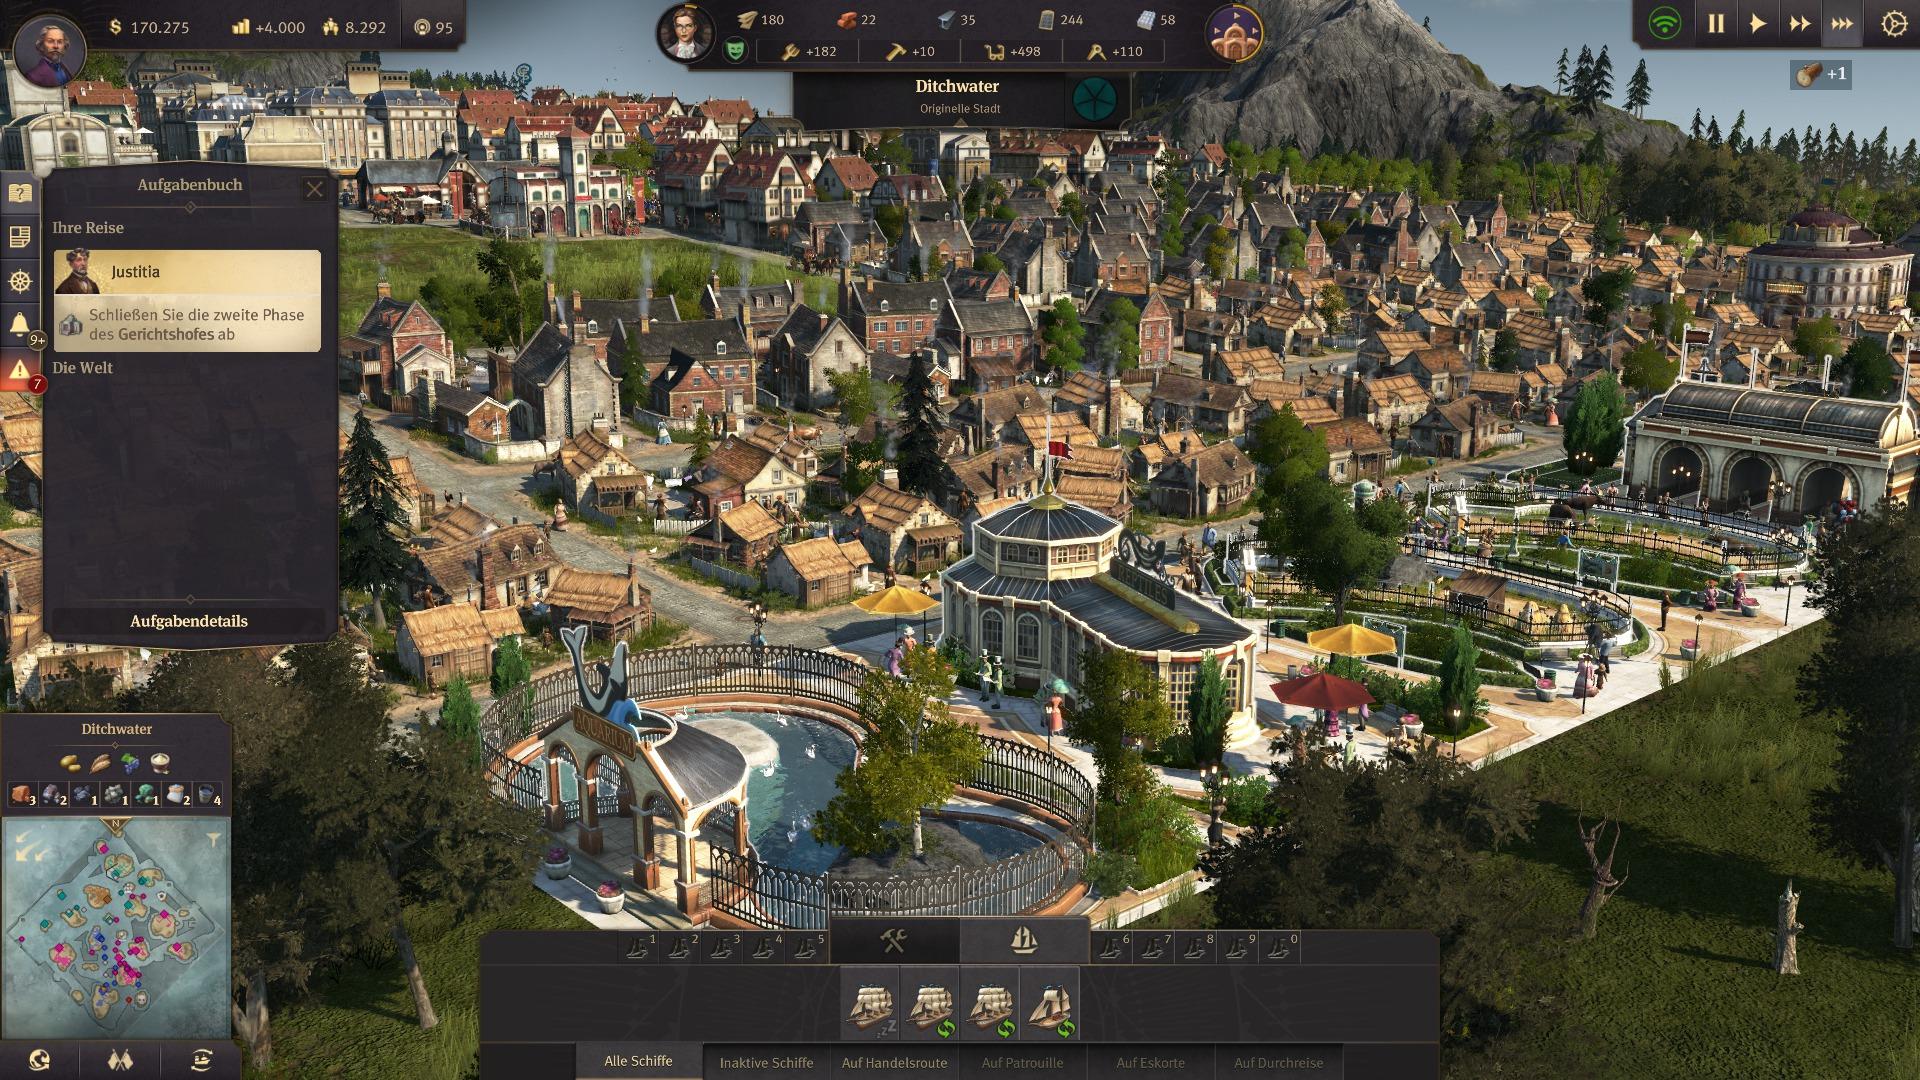 Screenshot des Spiels Anno 1800 - Eine detailreiche, grafisch hochwertige Ansicht einer Stadt die im Spiel erstellt wurde.